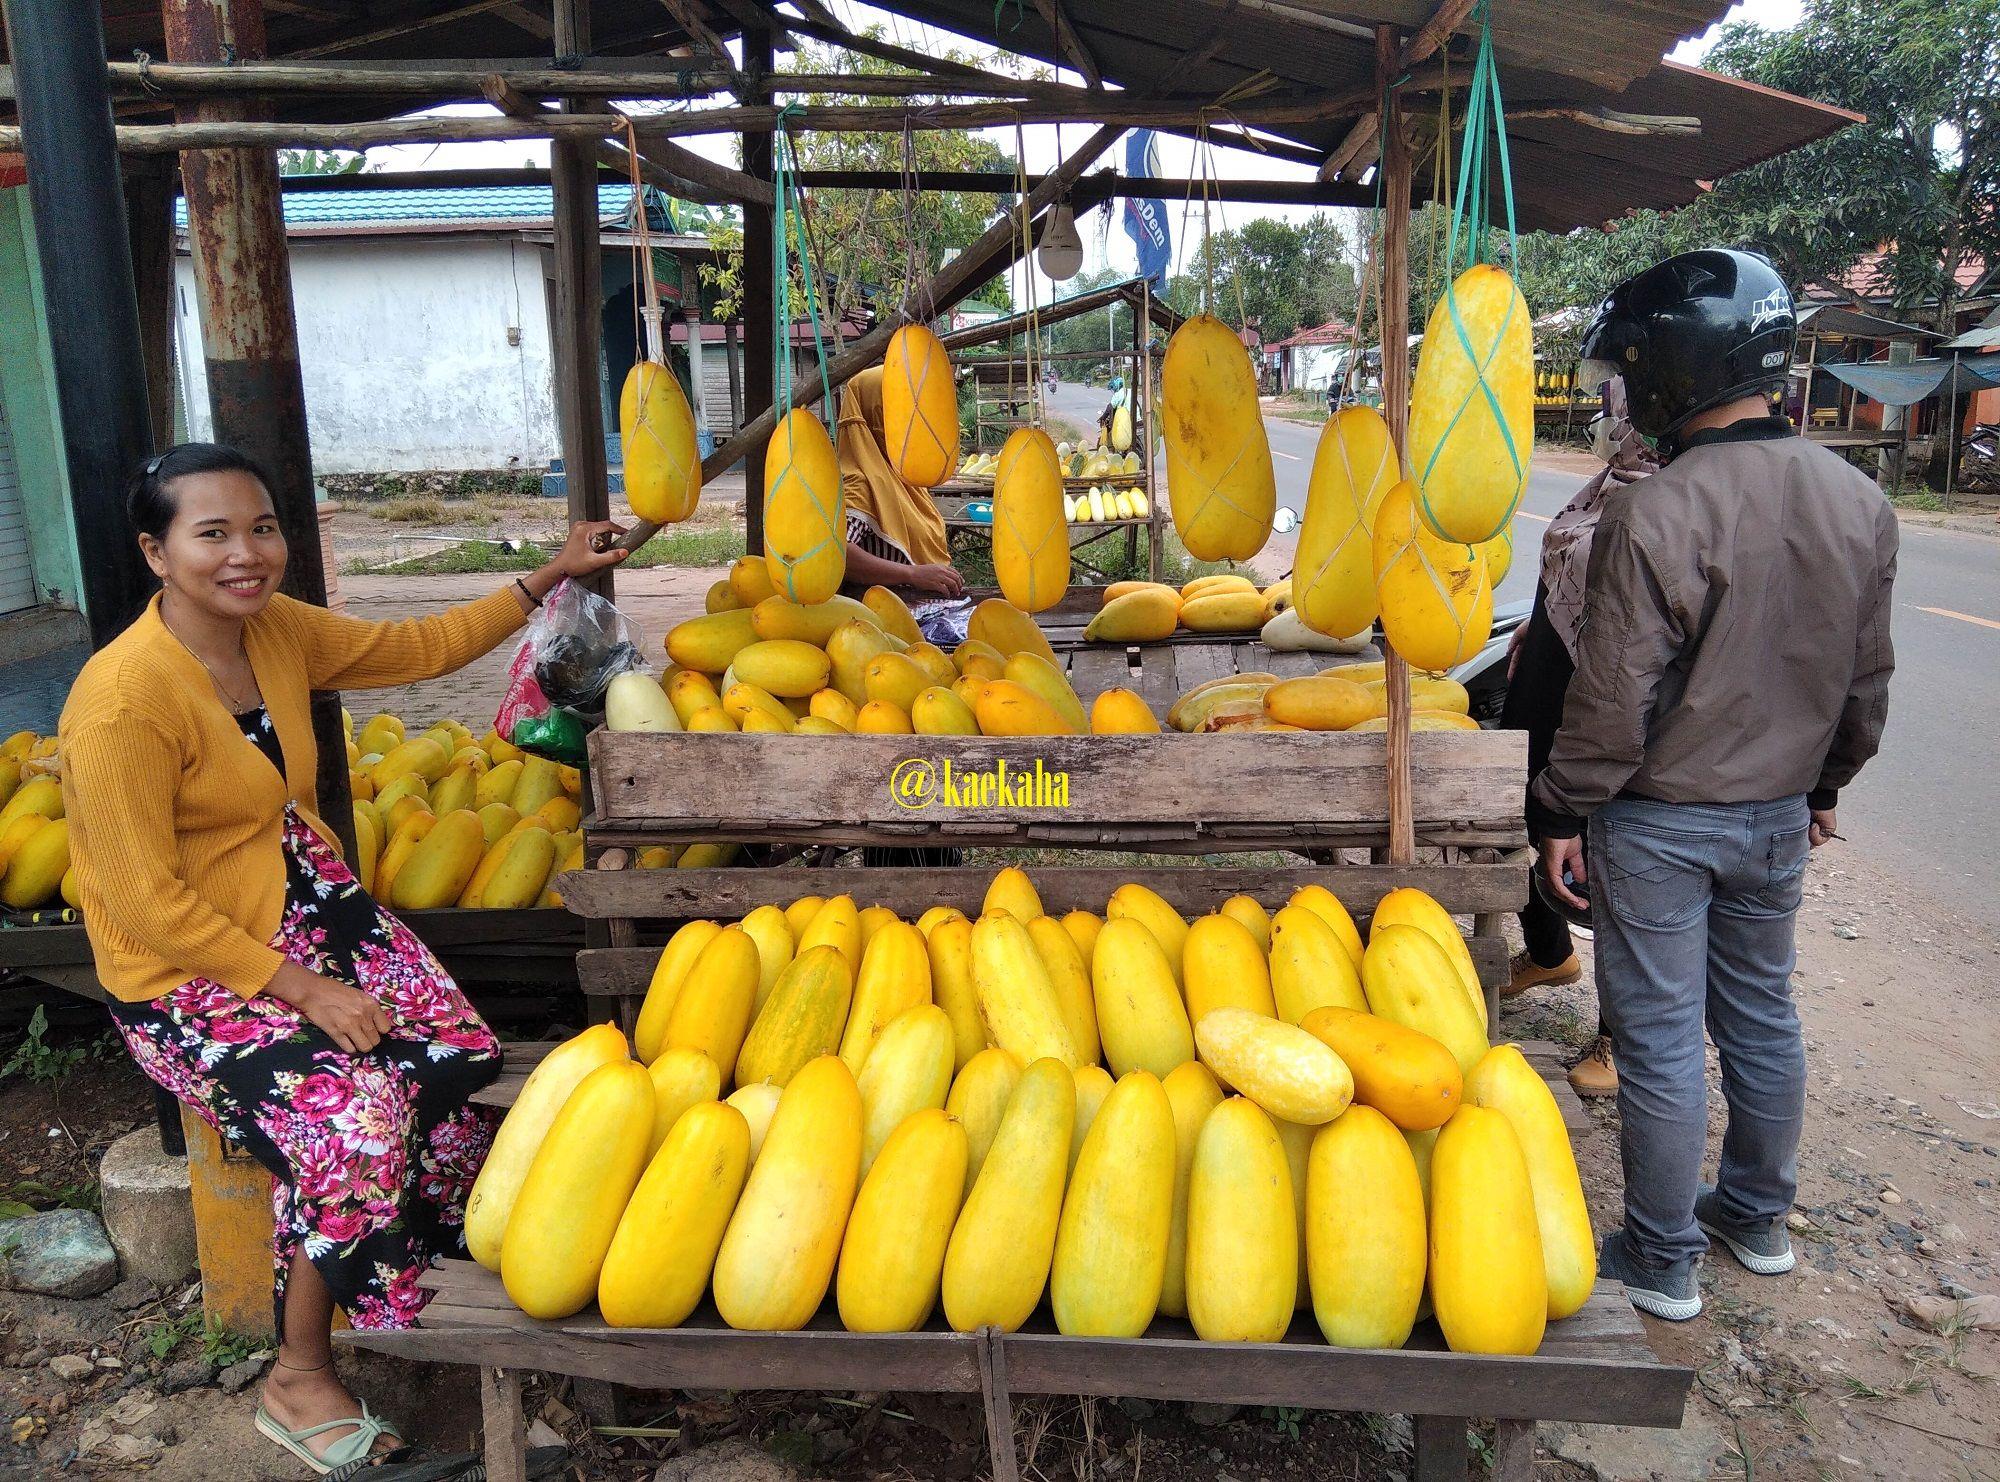 Pedagang Belungka Batu di Bati-Bati, Tanah Laut, Kalsel   @kaekaha